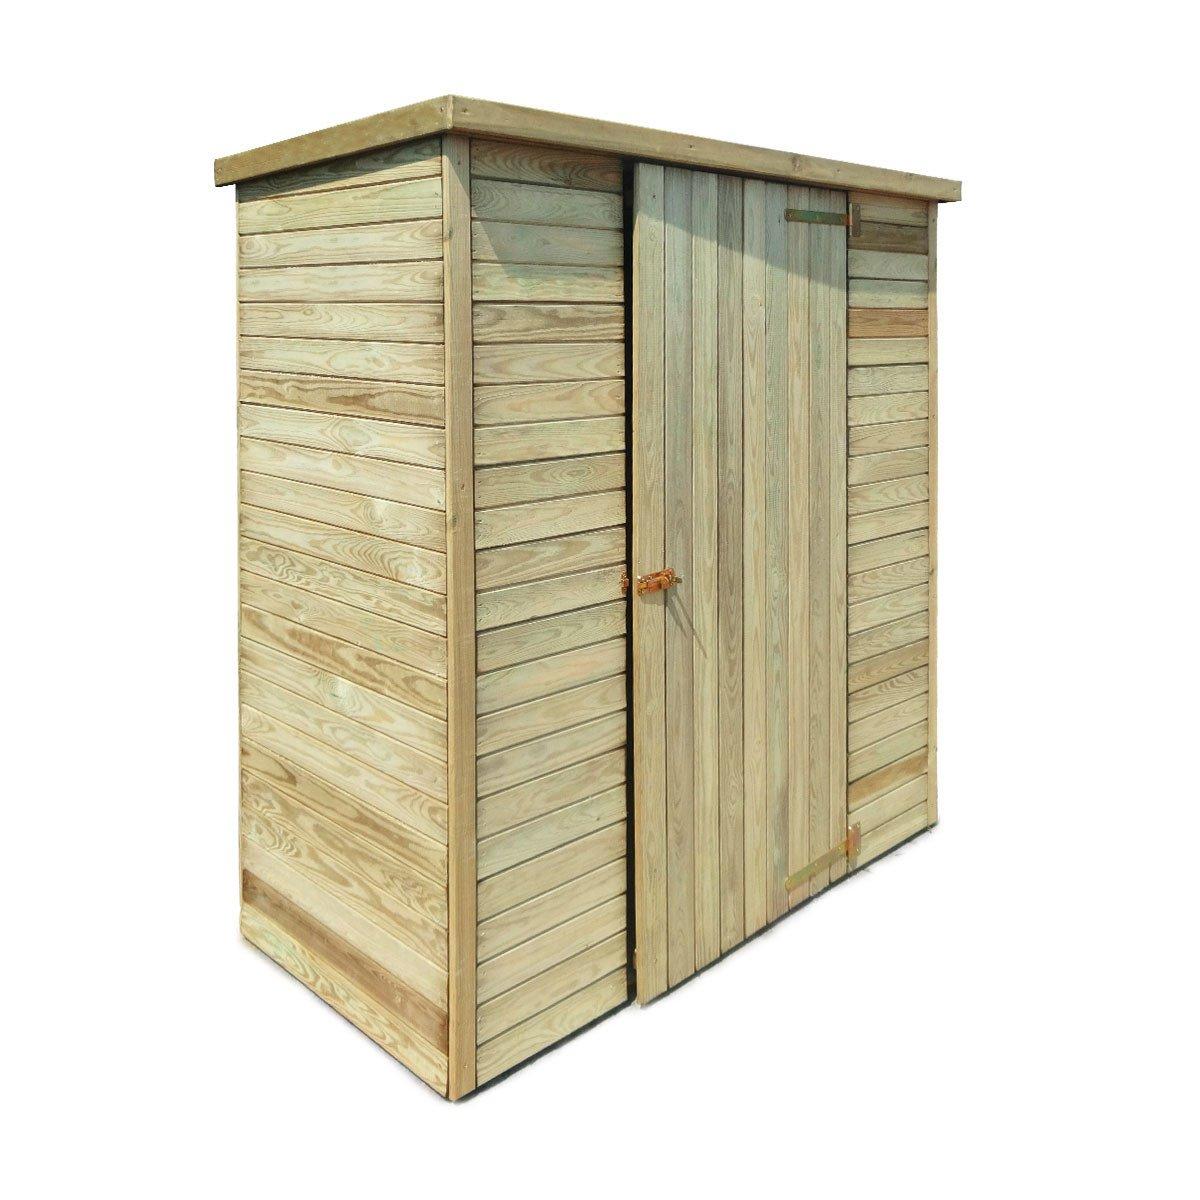 Abri De Jardin En Bois Marie 0.92 M² - Achat/vente D'abris ... destiné Abri De Jardin En Bois Pas Cher